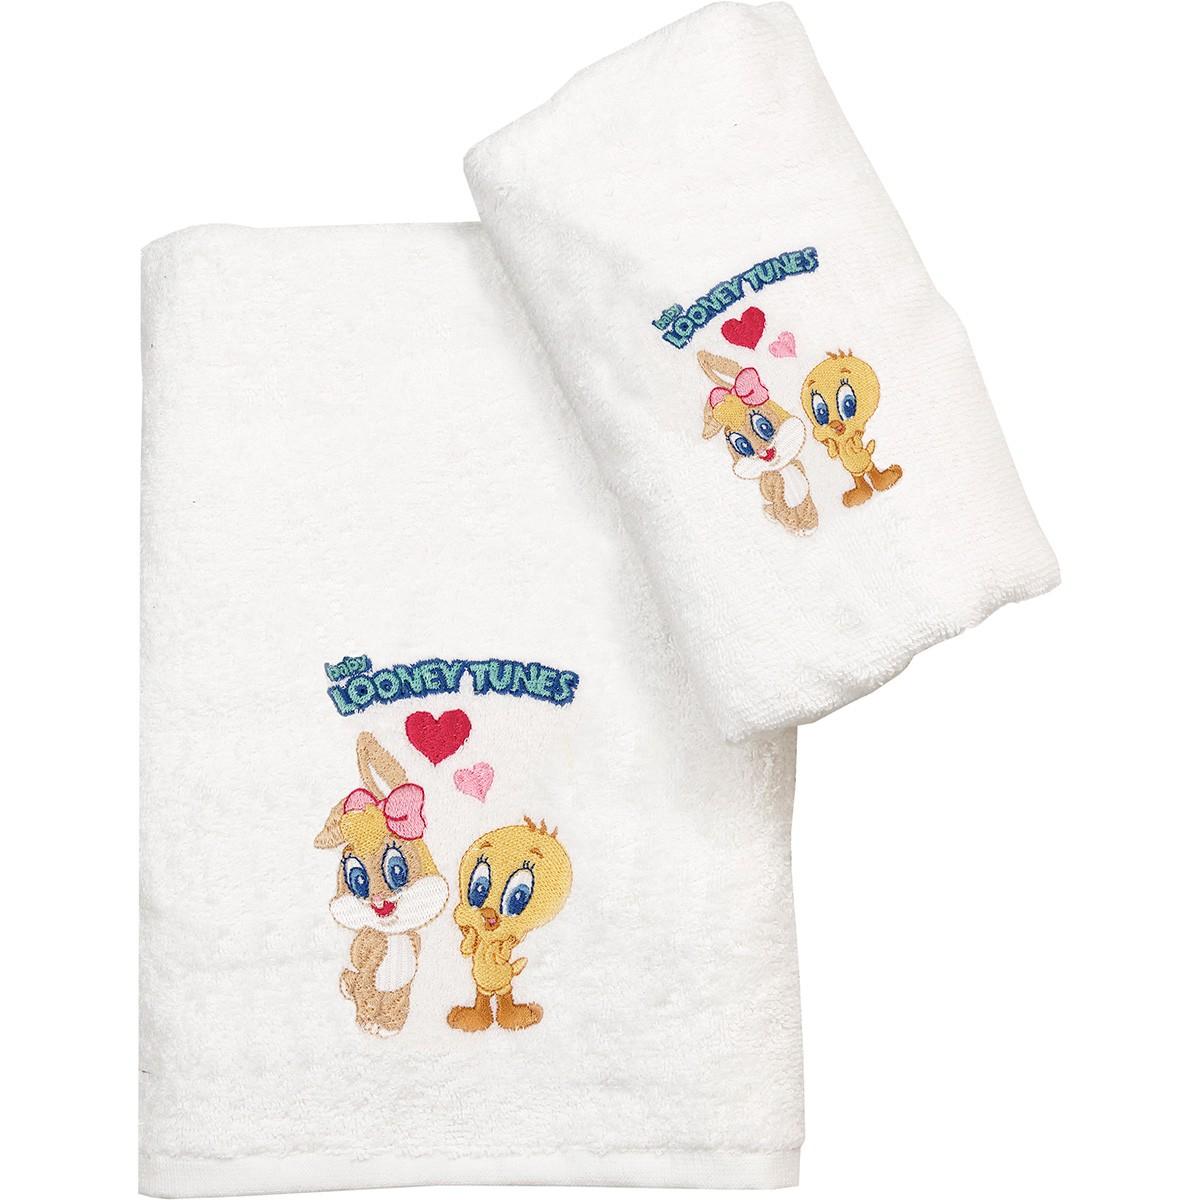 Παιδικές Πετσέτες (Σετ 2τμχ) Viopros Looney Tunes 22